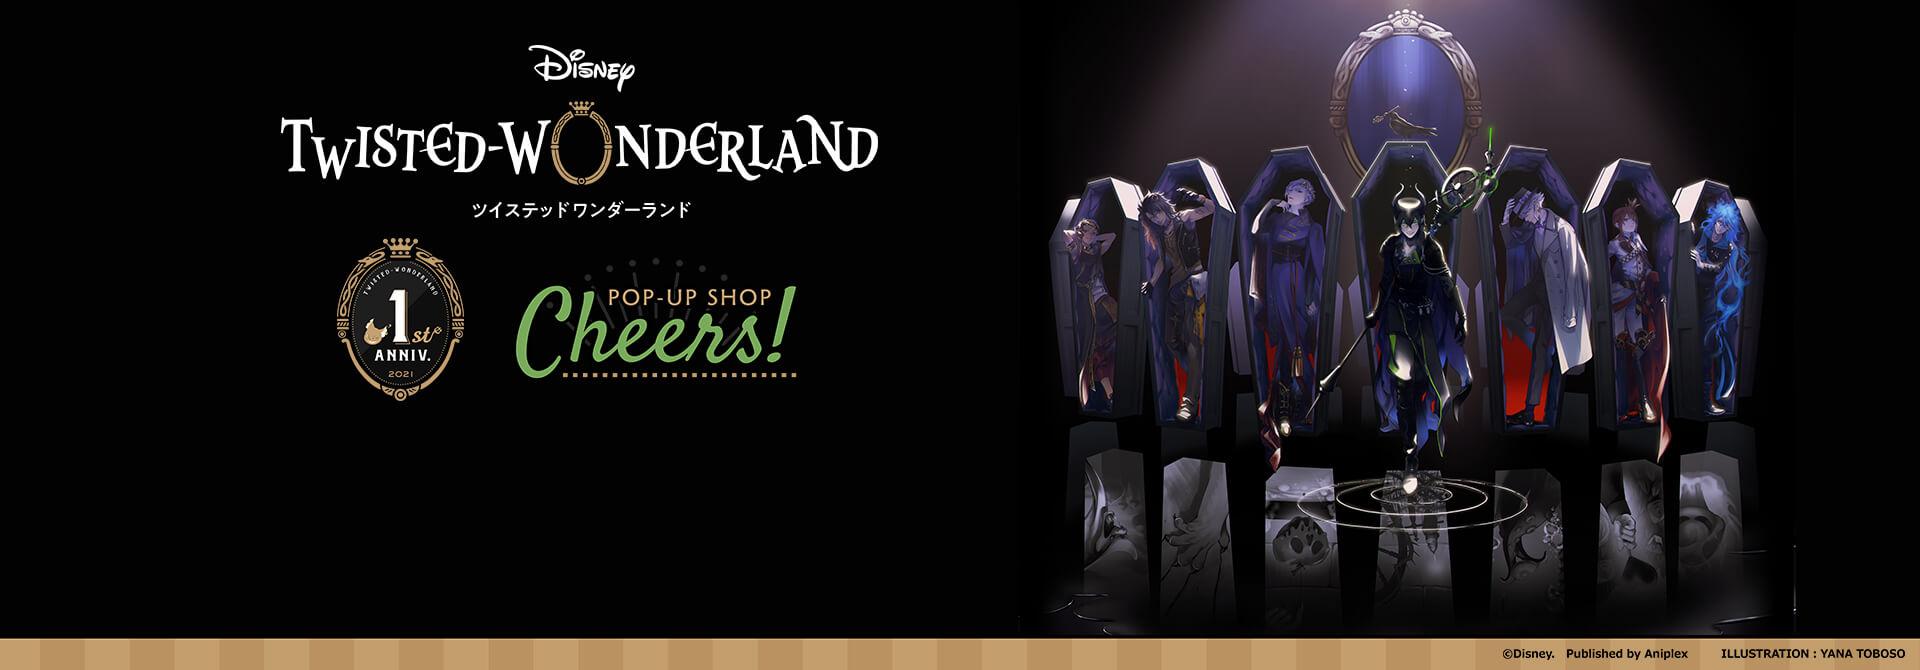 『Disney Twisted-Wonderland 1st Anniversary POP-UP SHOP ~Cheers!~』